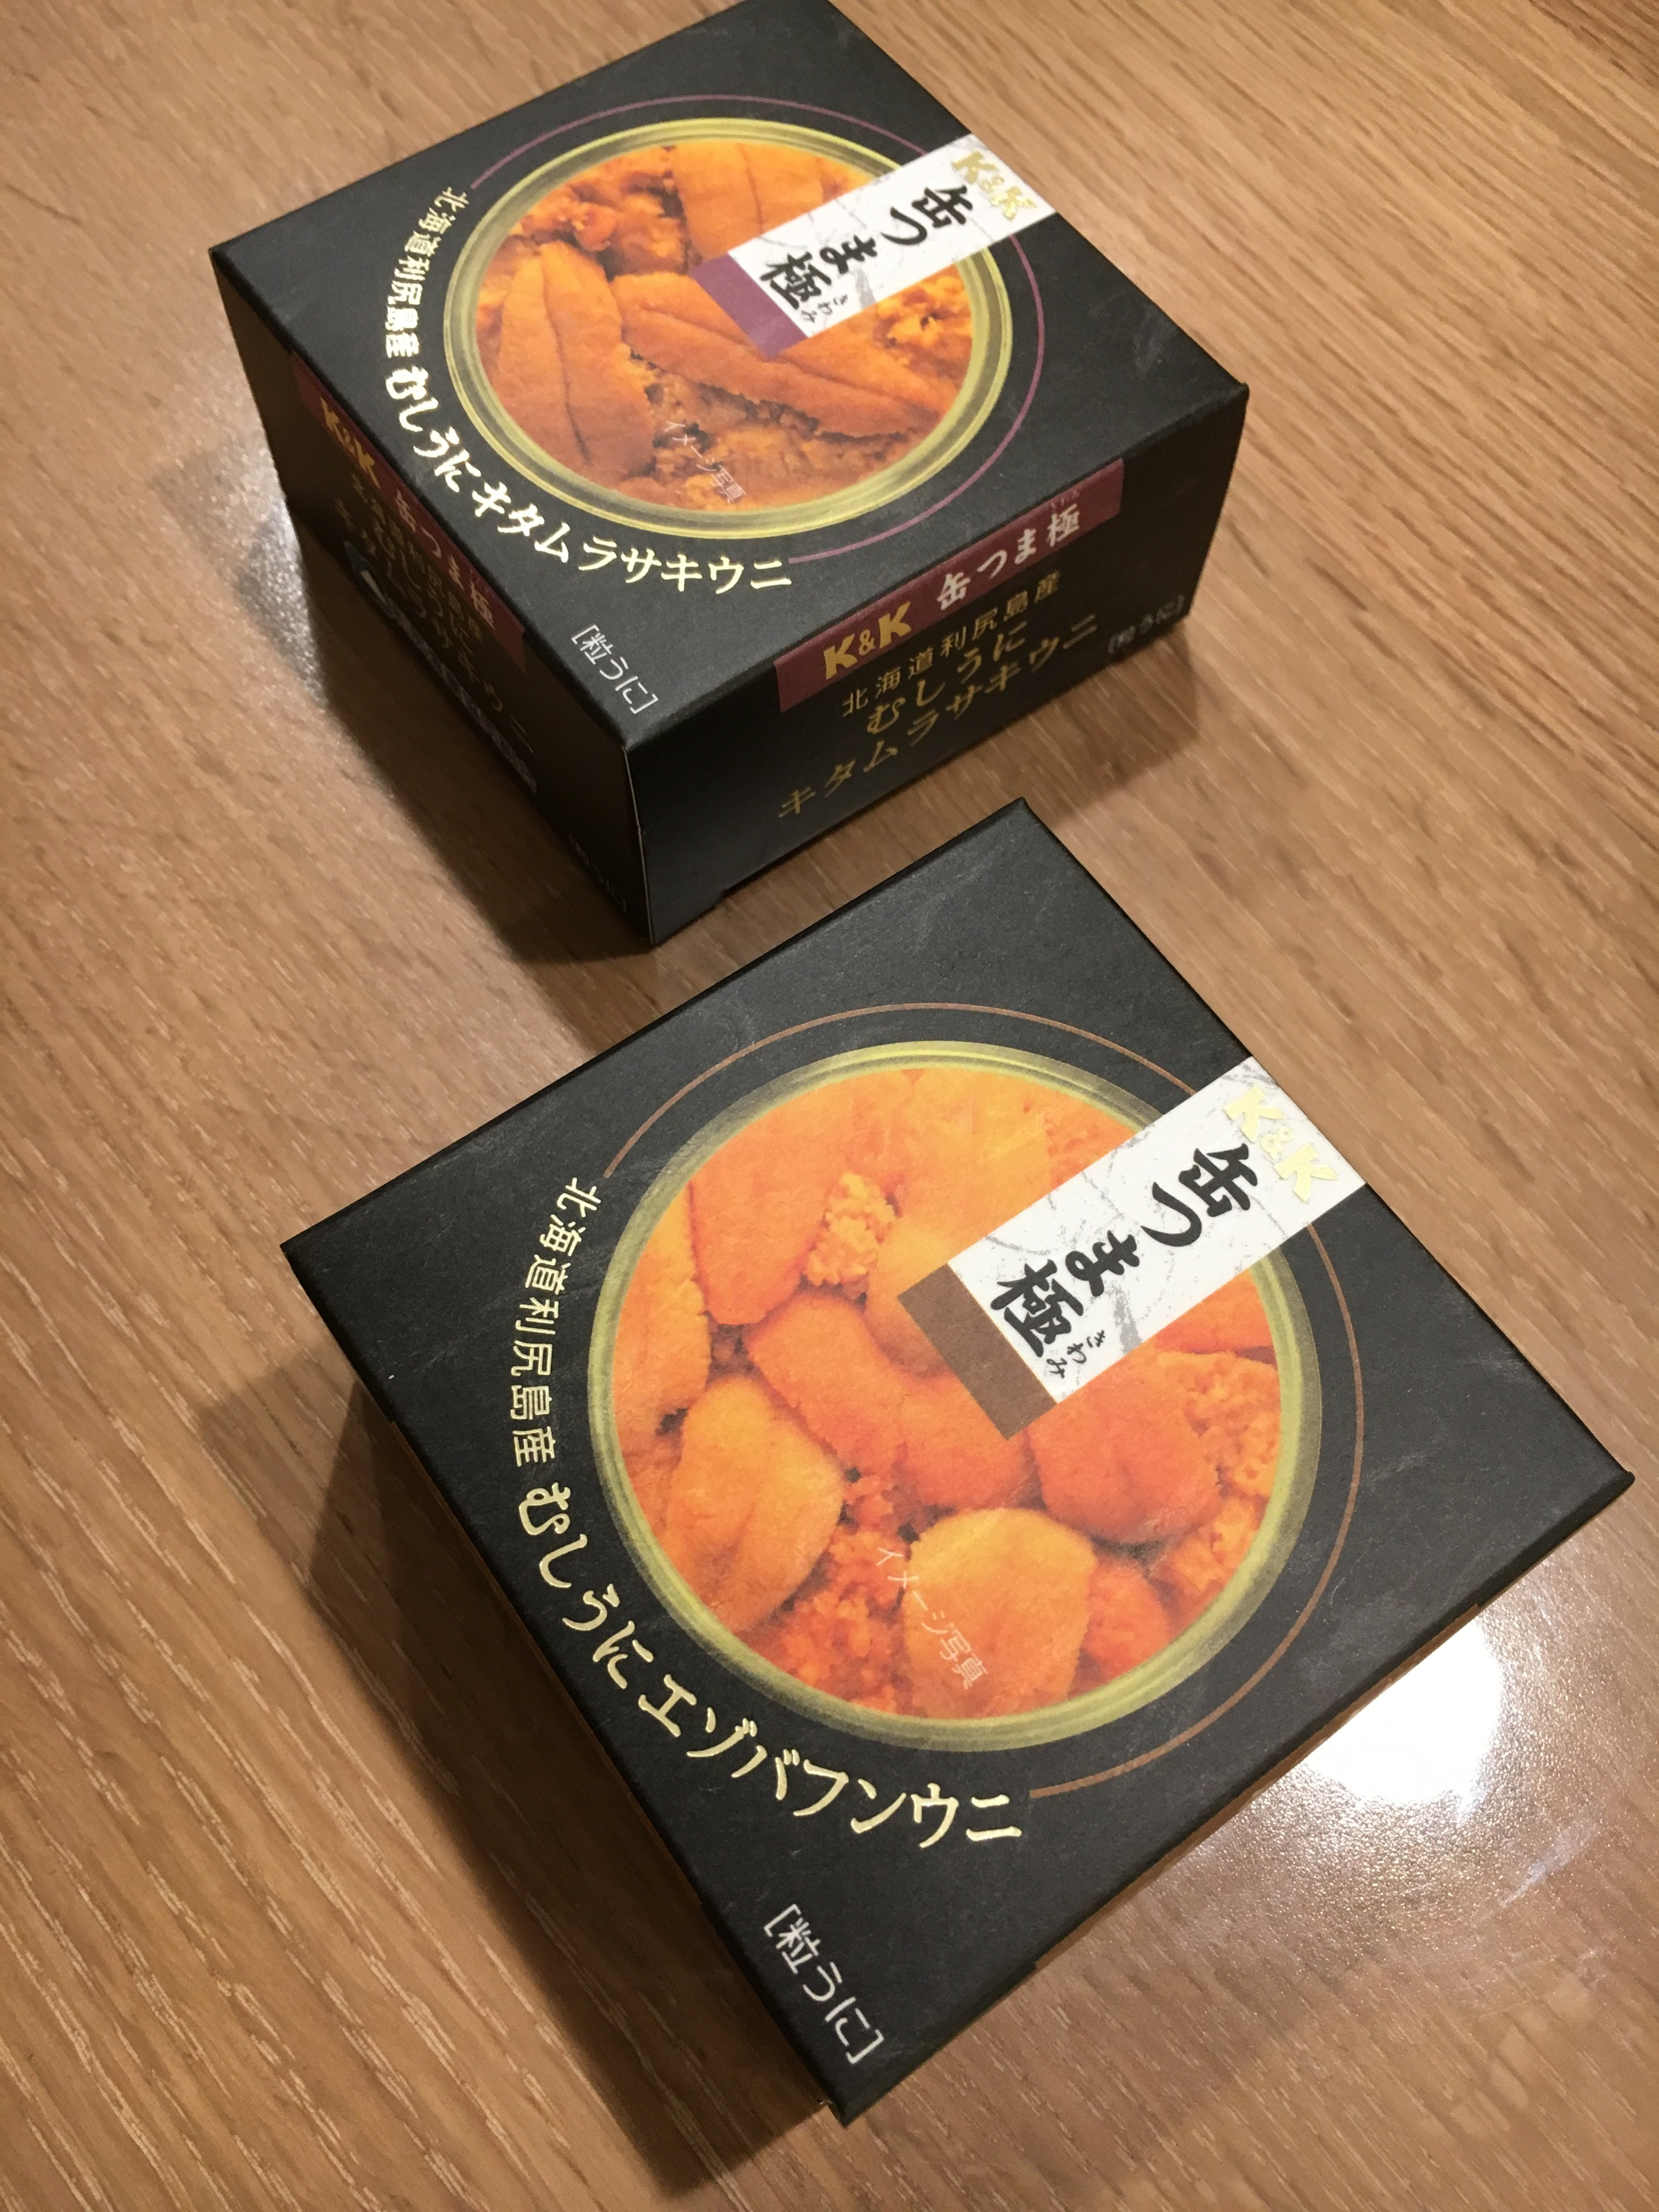 缶つま極 高額缶詰 エゾバフンウニとキタムラサキウニ比較してみました